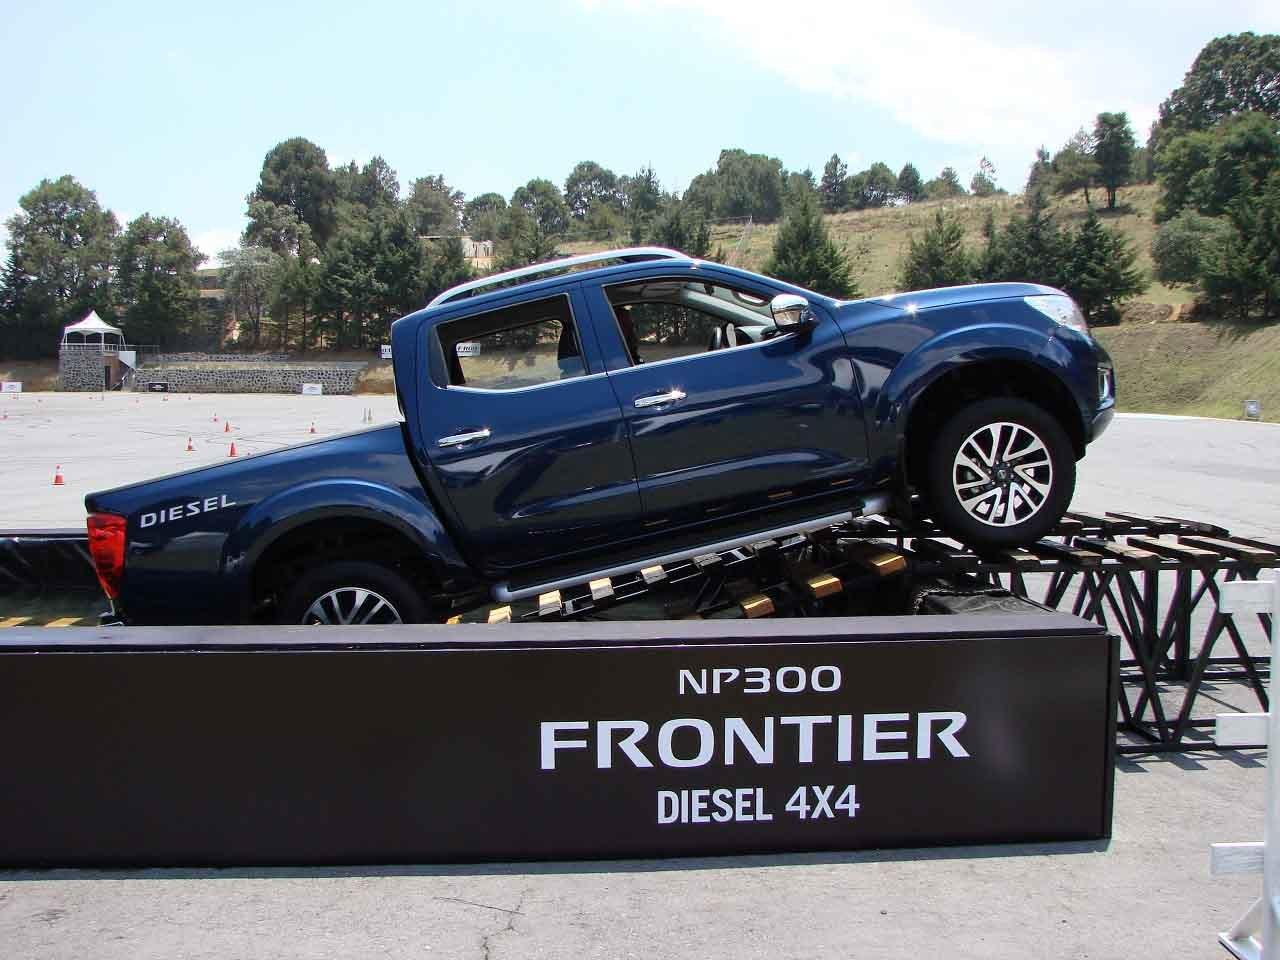 Foto de Nissan NP300 Frontier Diésel 4x4 prueba México (7/31)